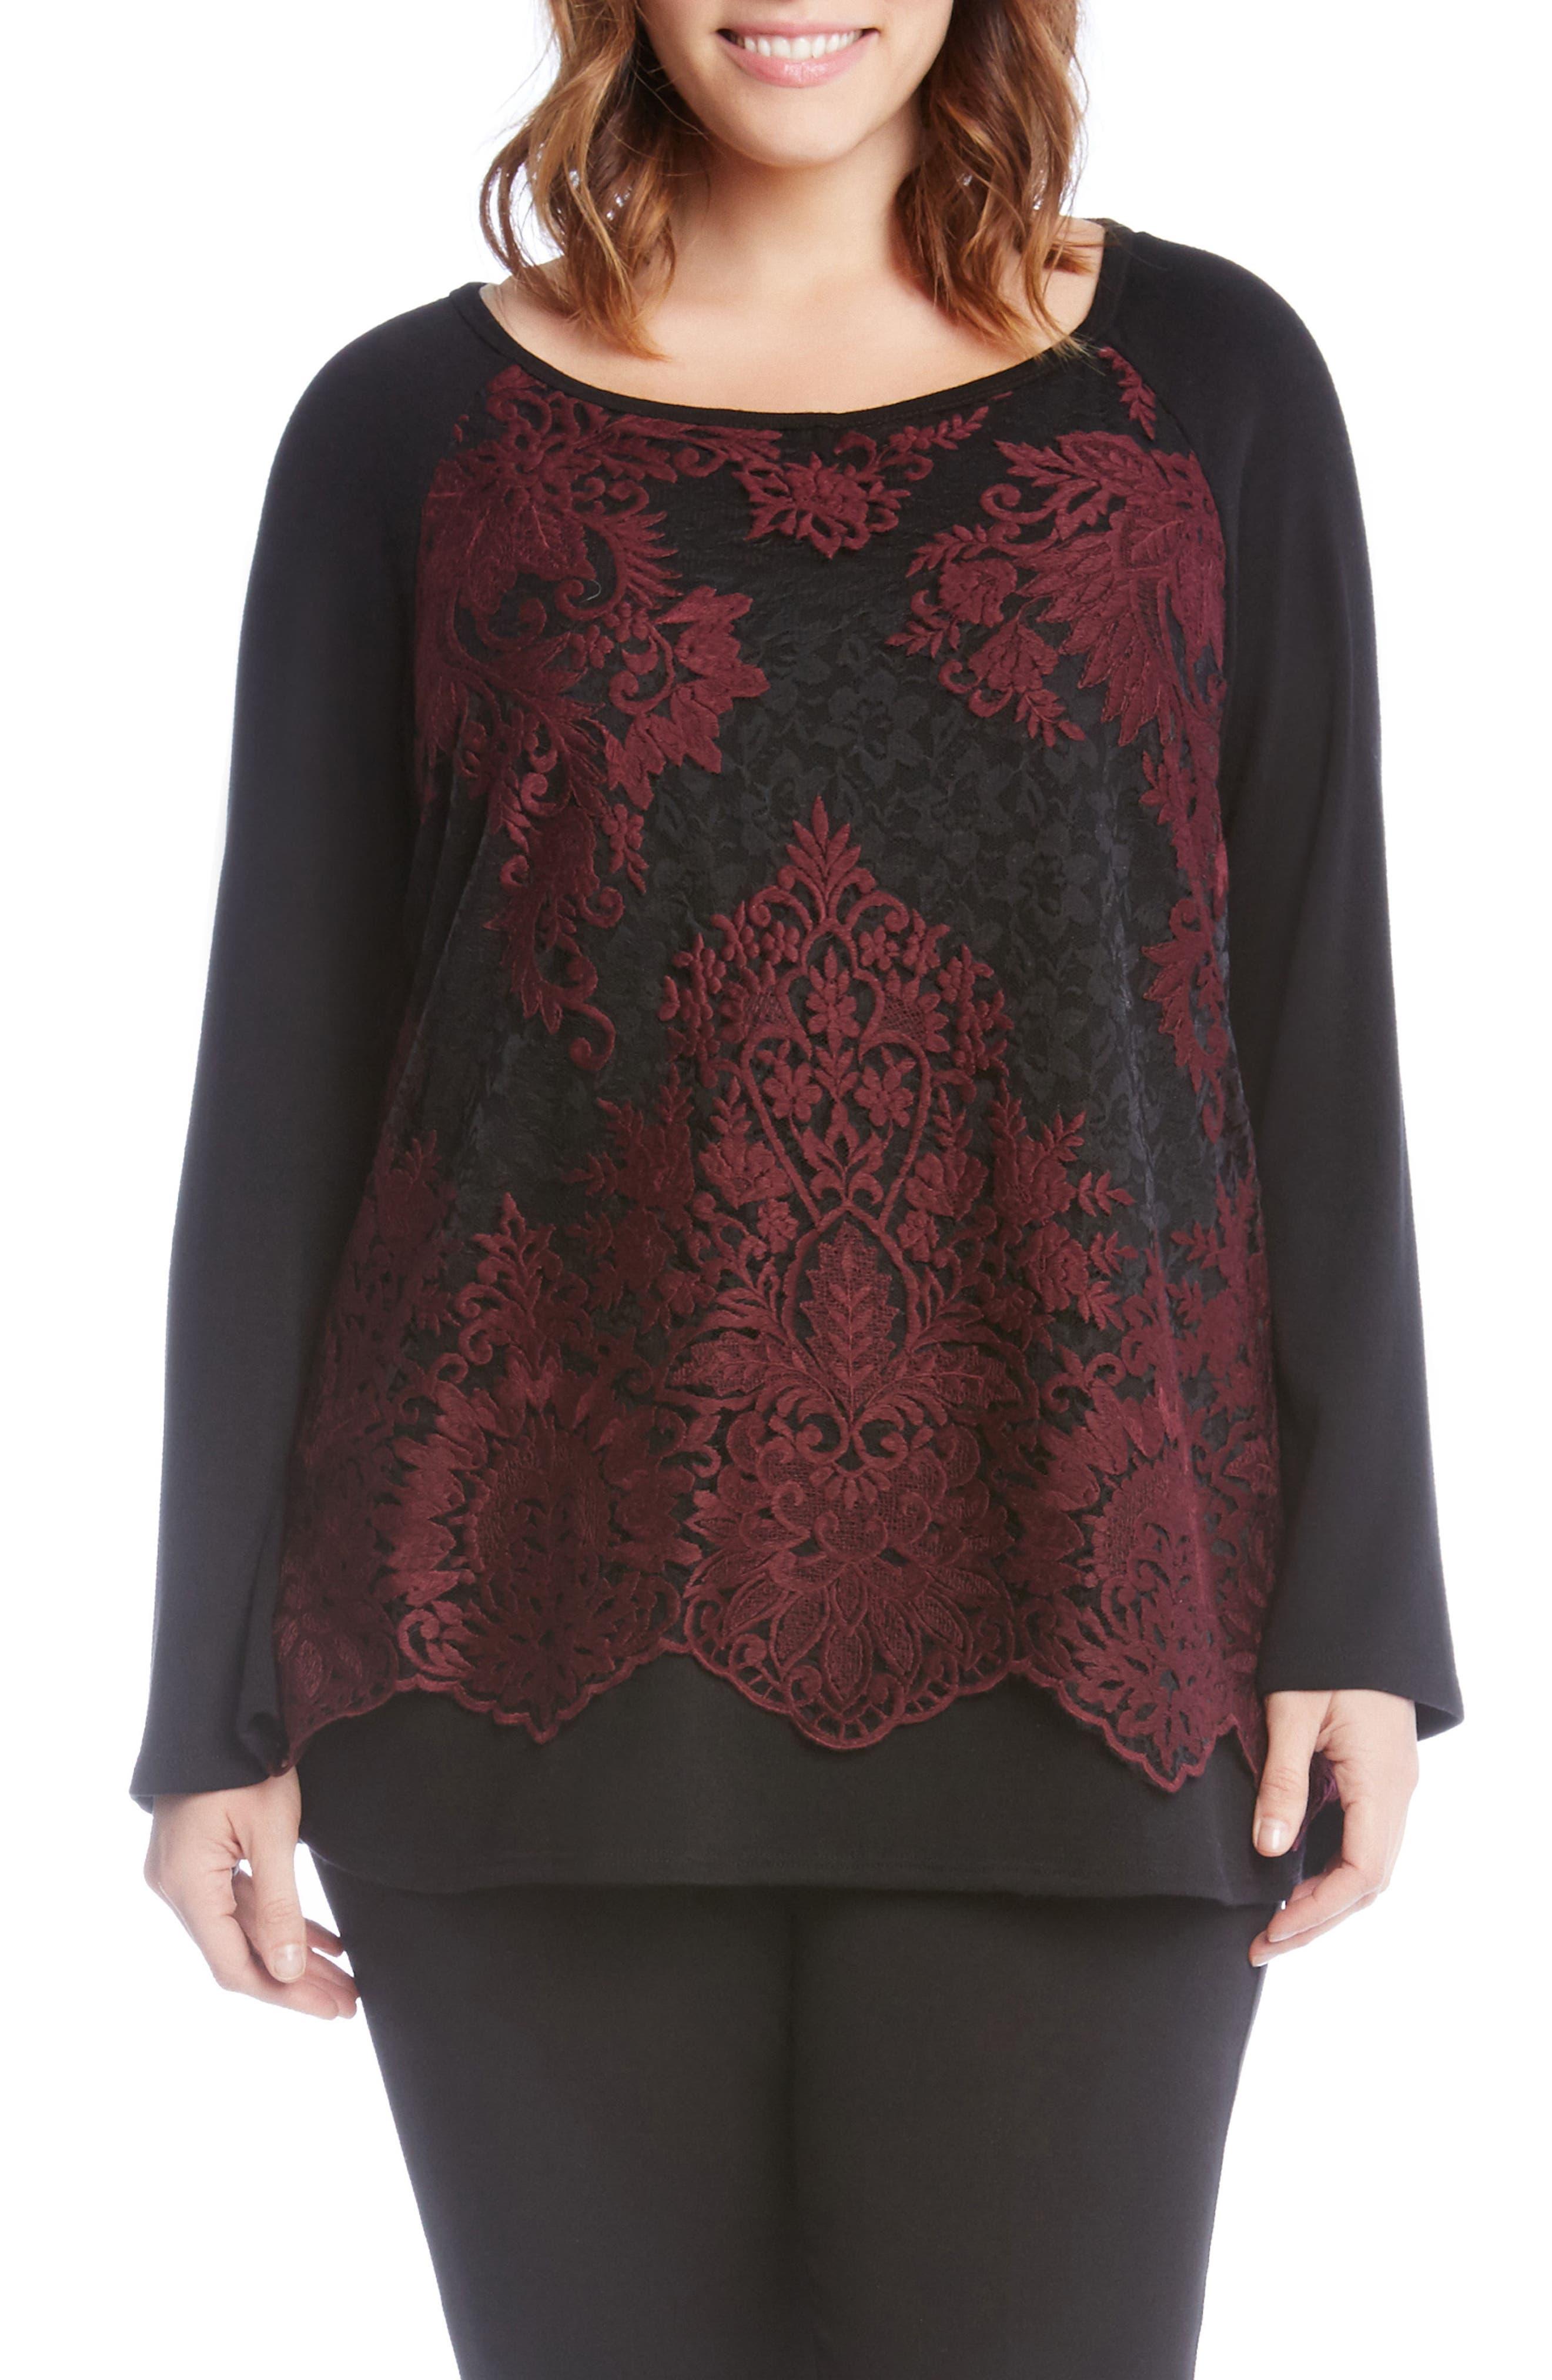 Main Image - Karen Kane Lace Overlay Jersey Top (Plus Size)